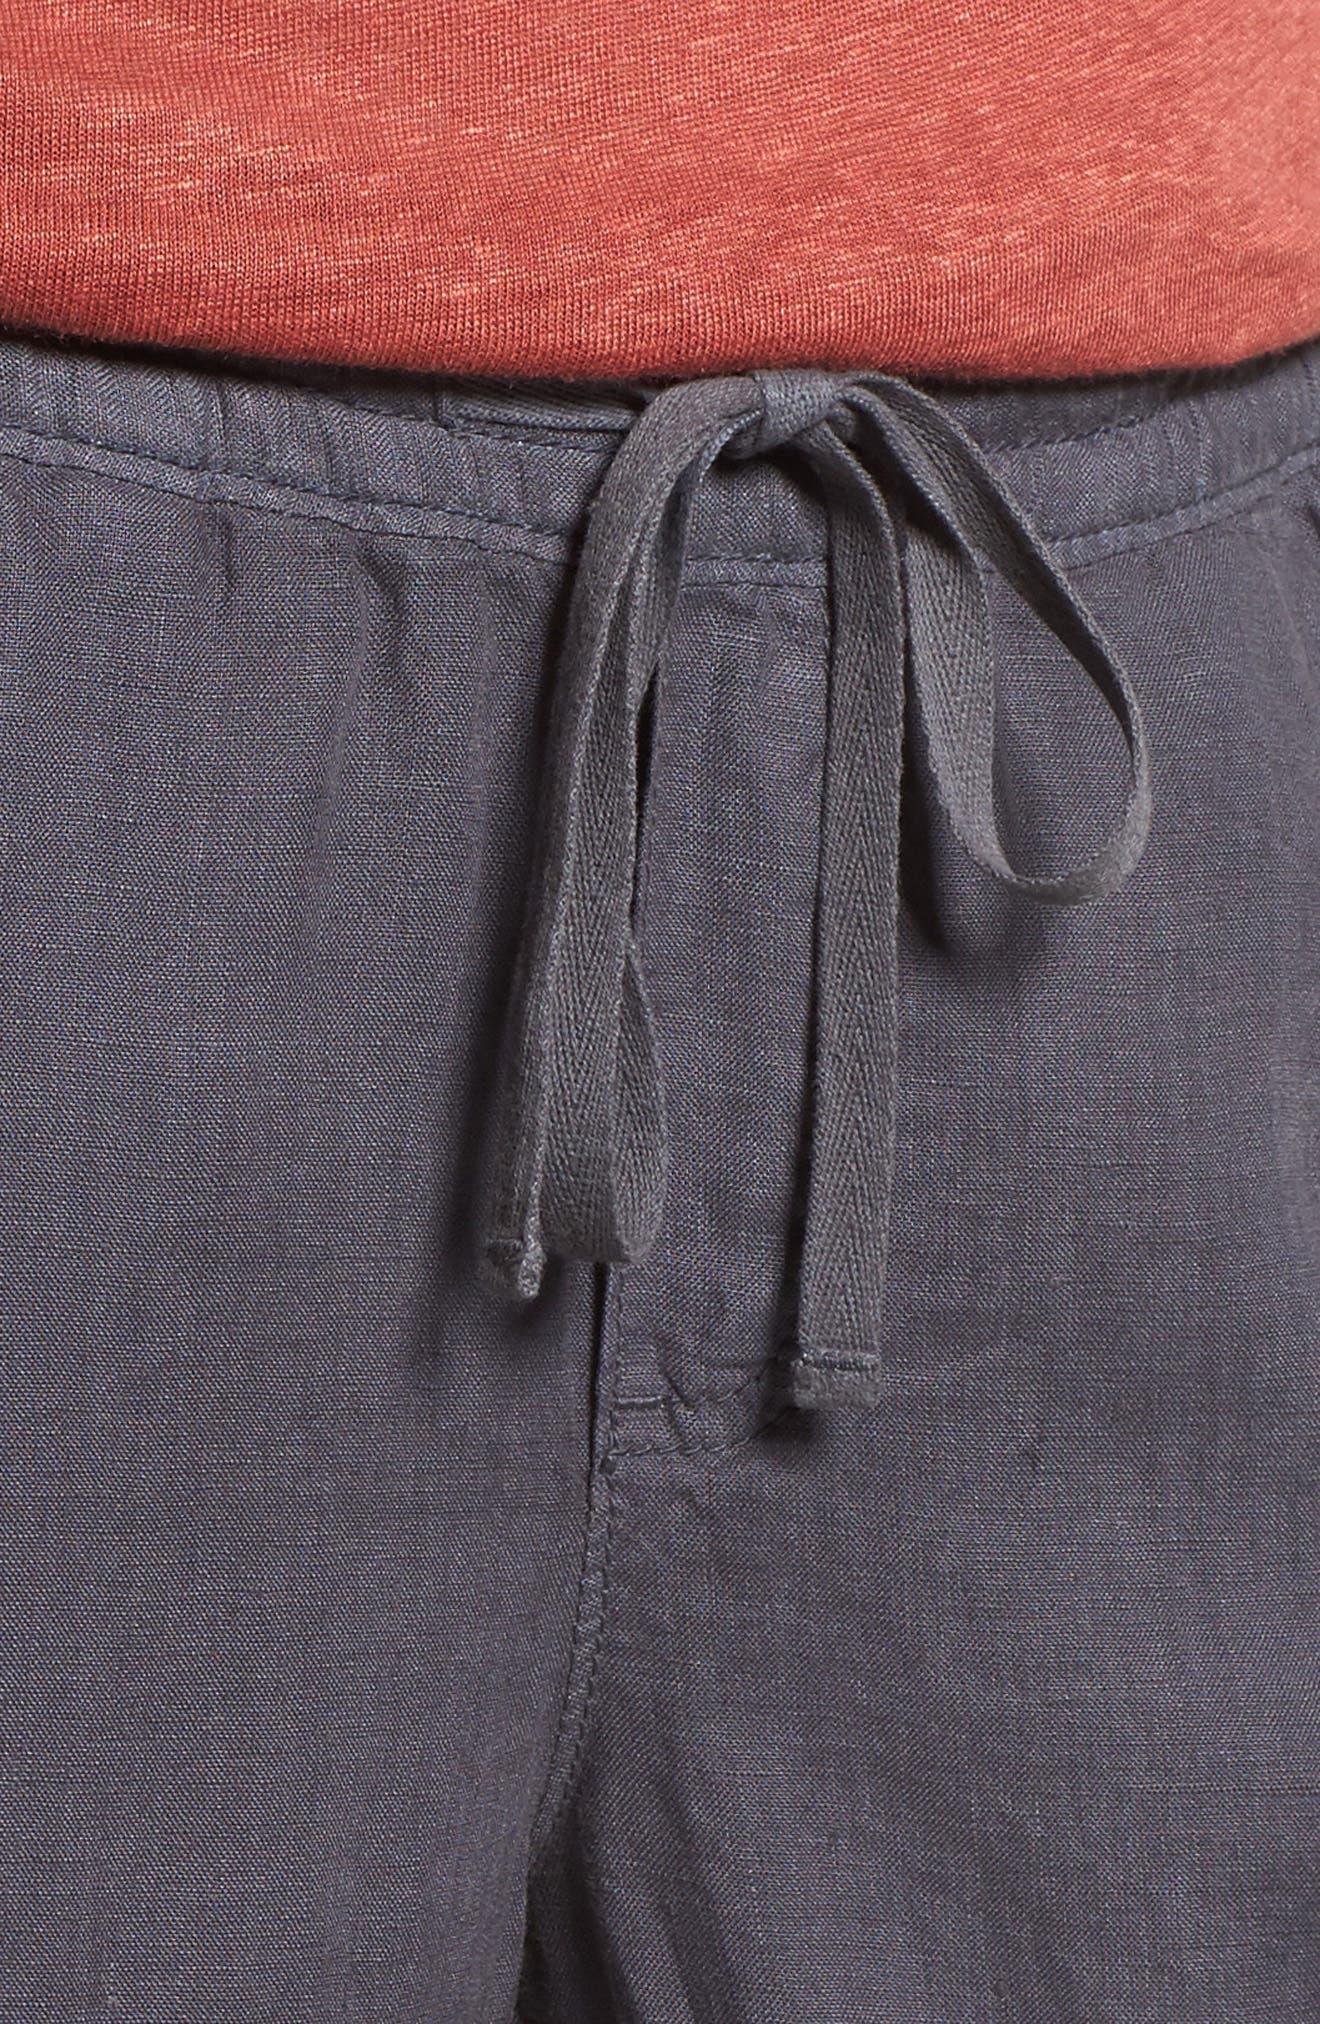 Linen Crop Pants,                             Alternate thumbnail 23, color,